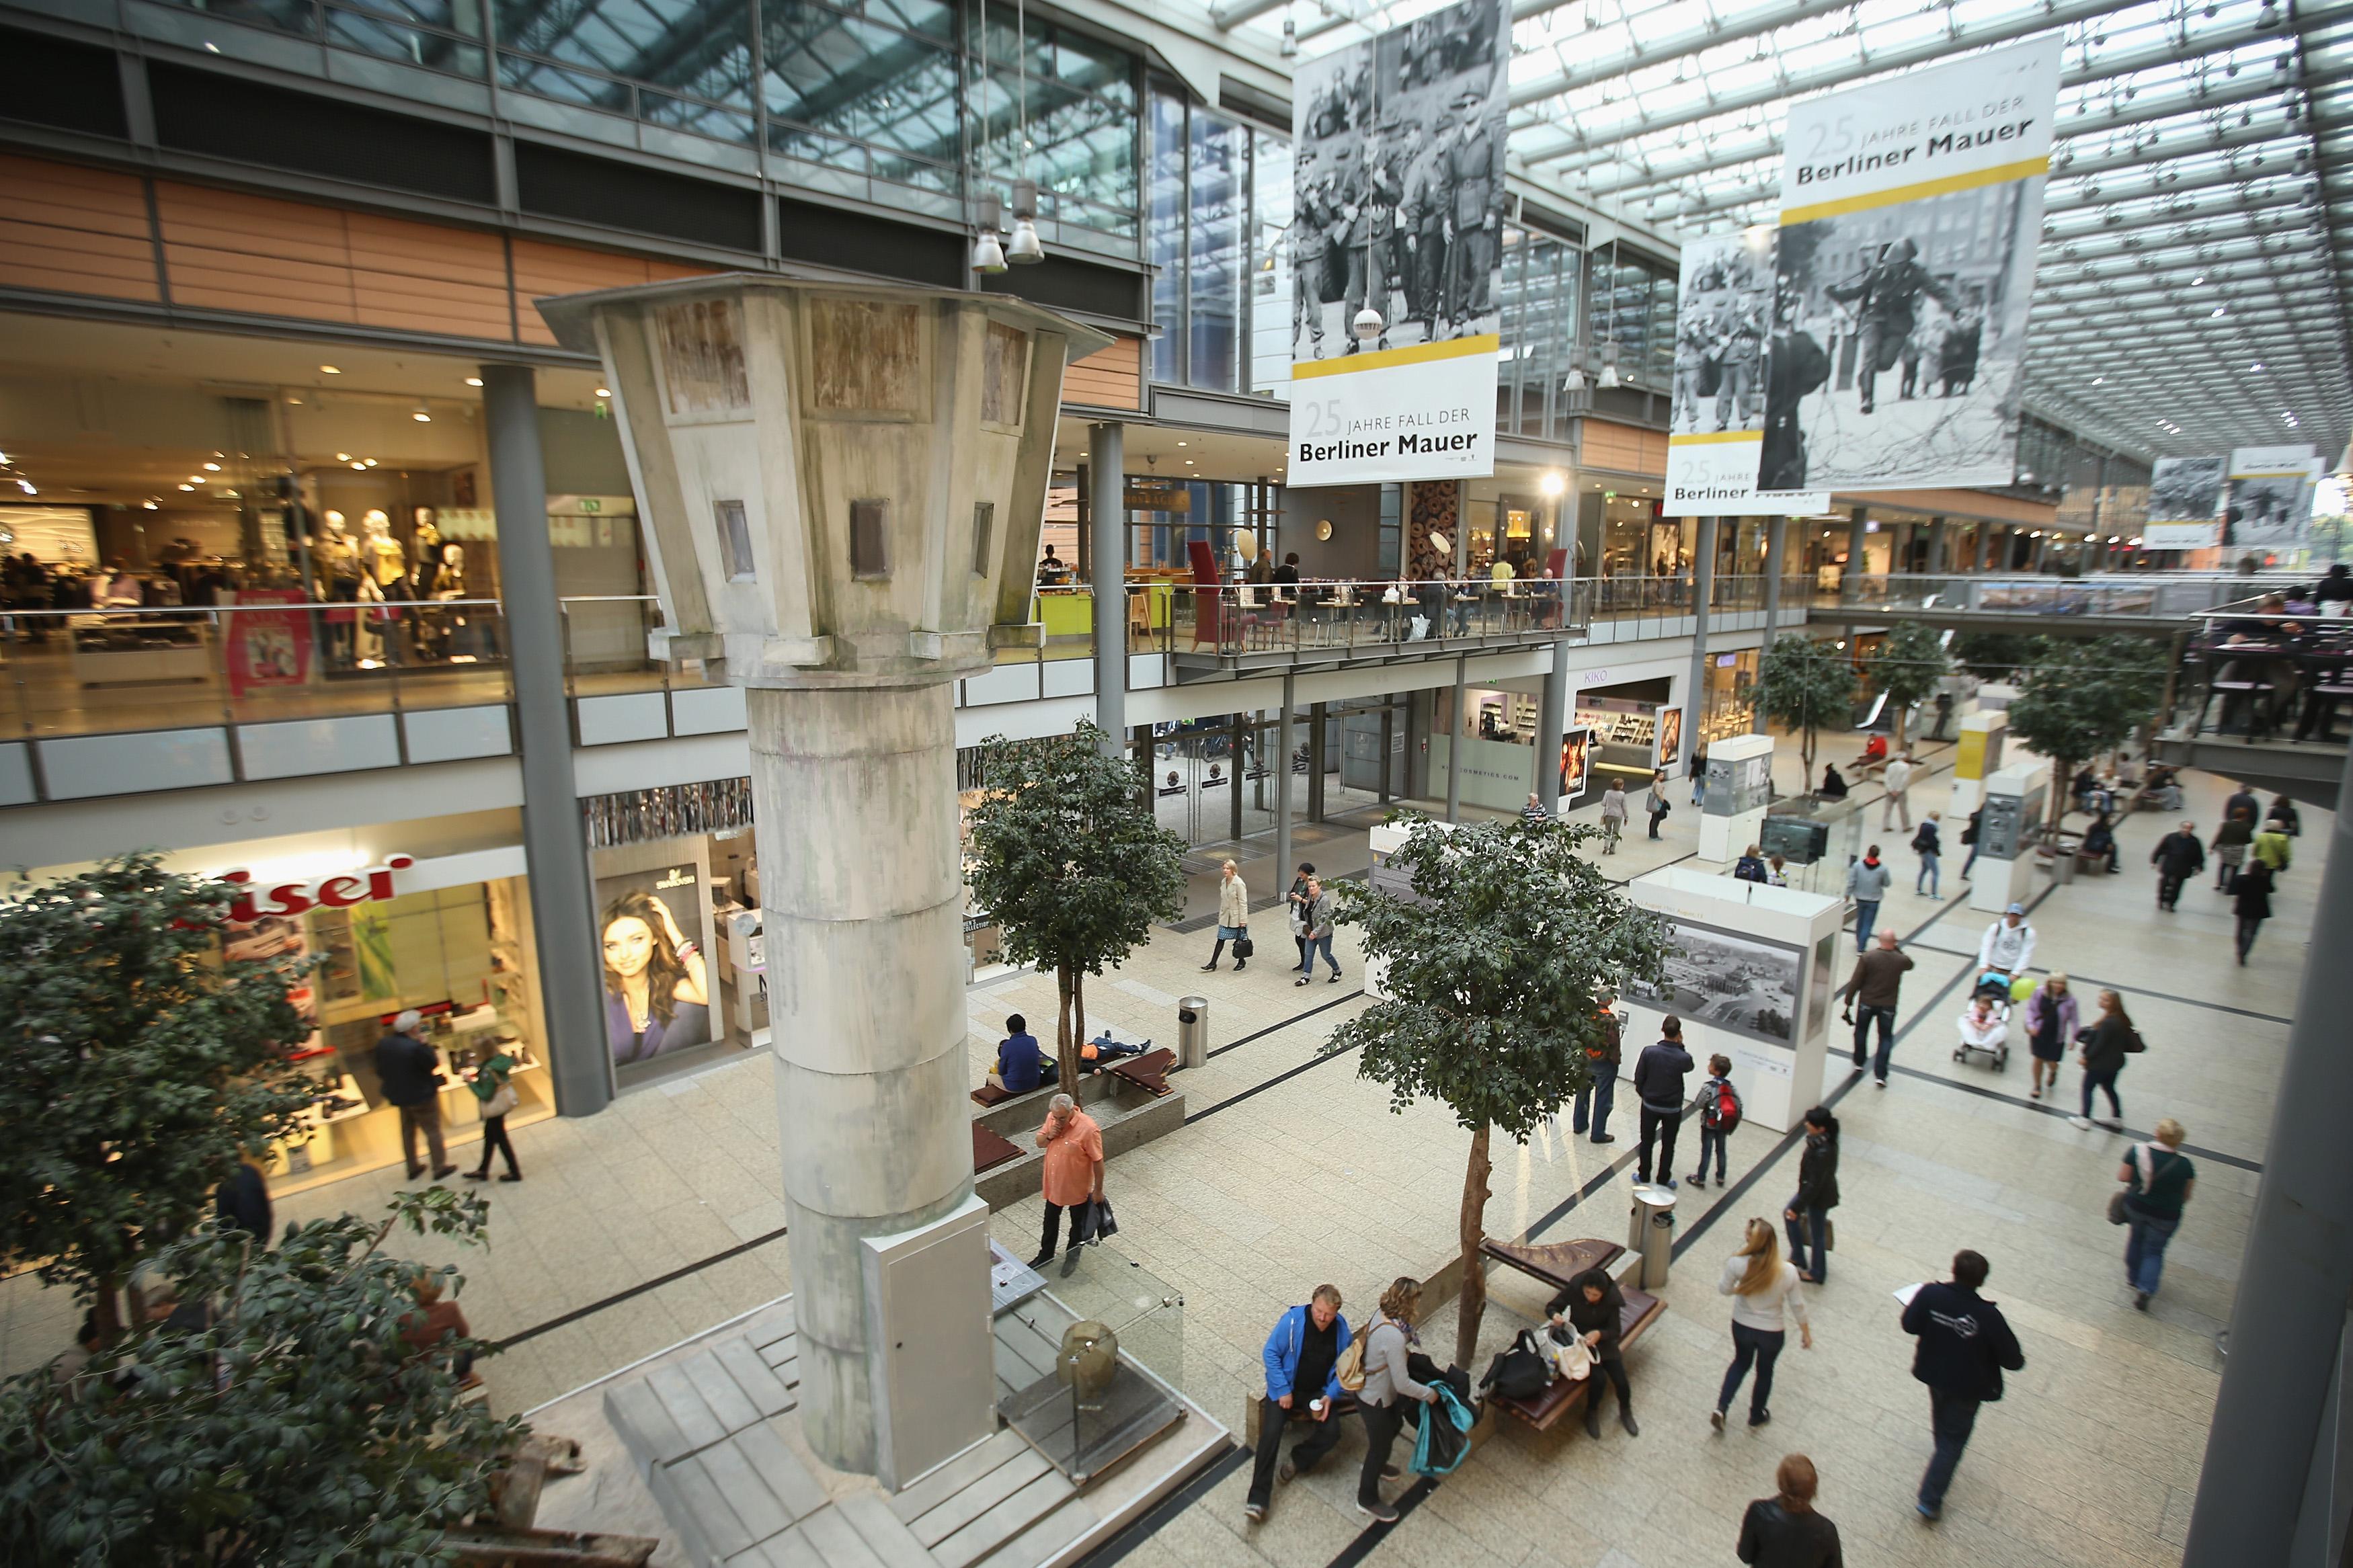 Geschäfts-Öffnungszeiten am 3. Oktober – Tag der Deutschen Einheit: Welche Geschäfte sind geöffnet?